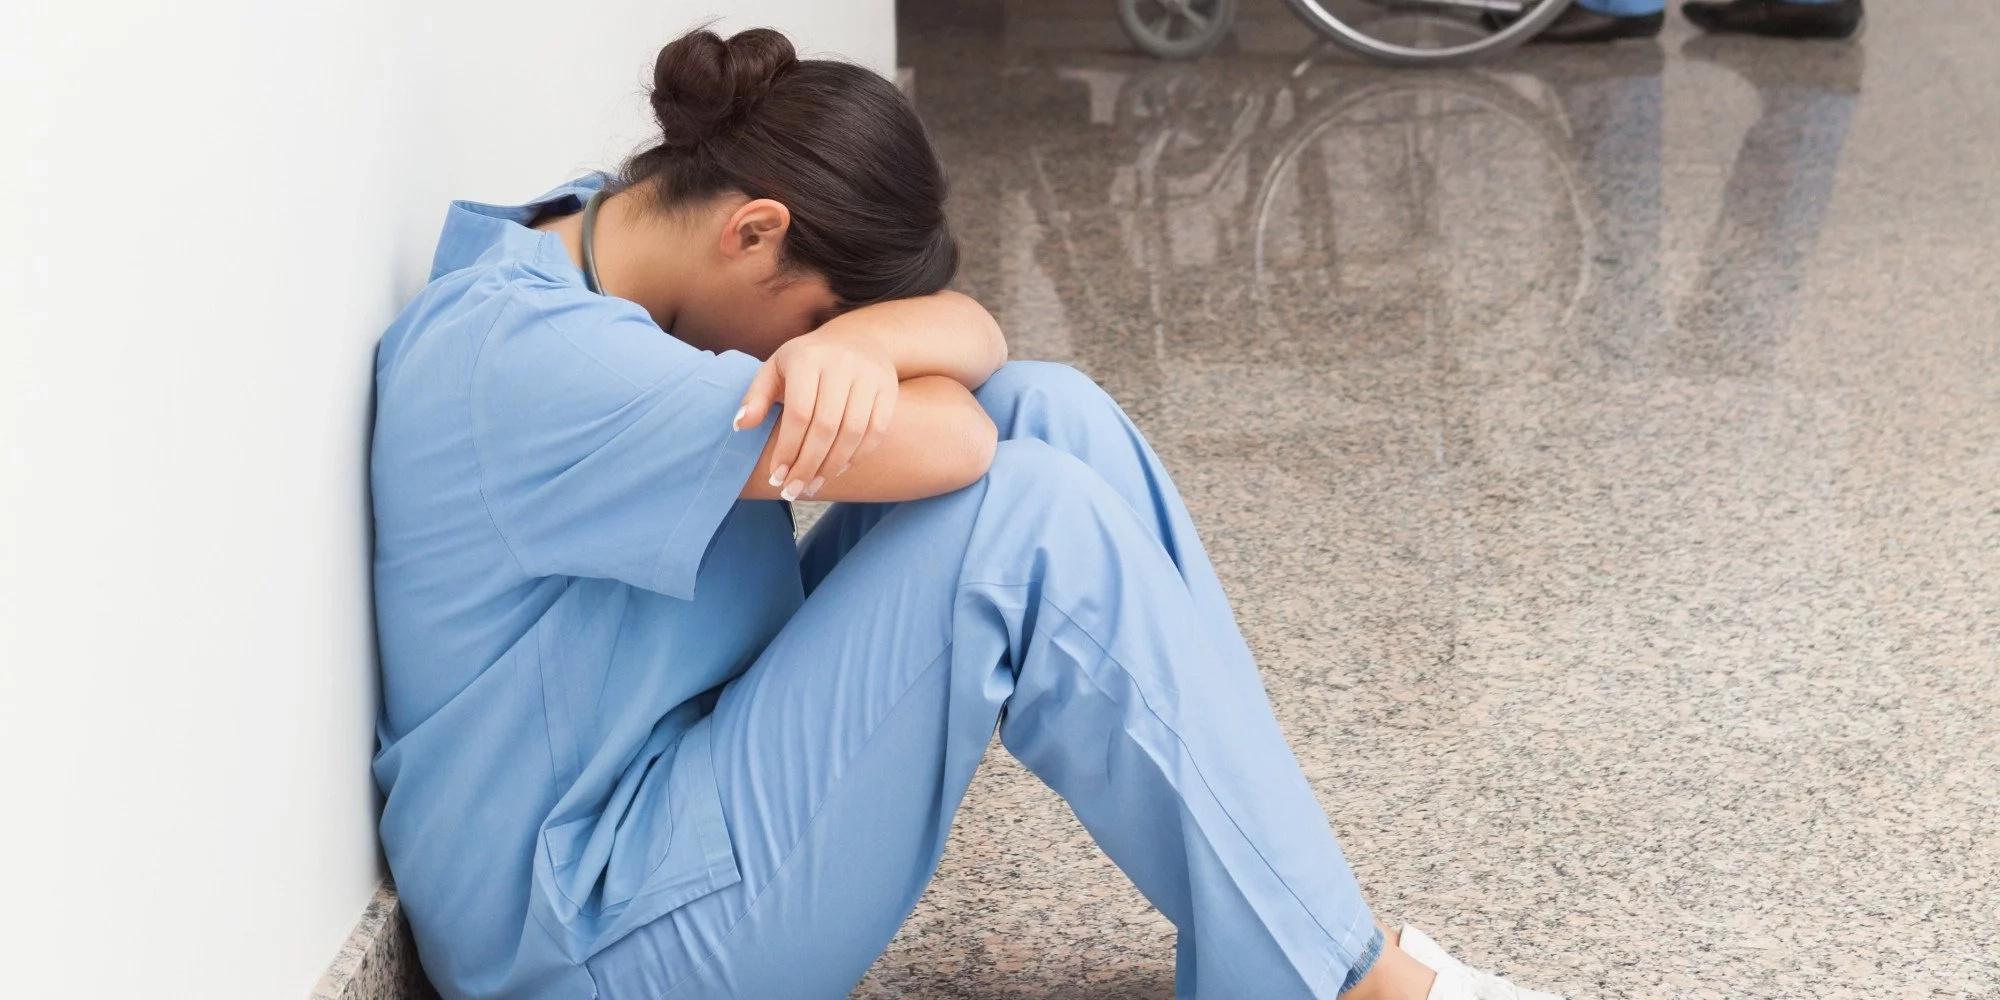 ofw-nurse